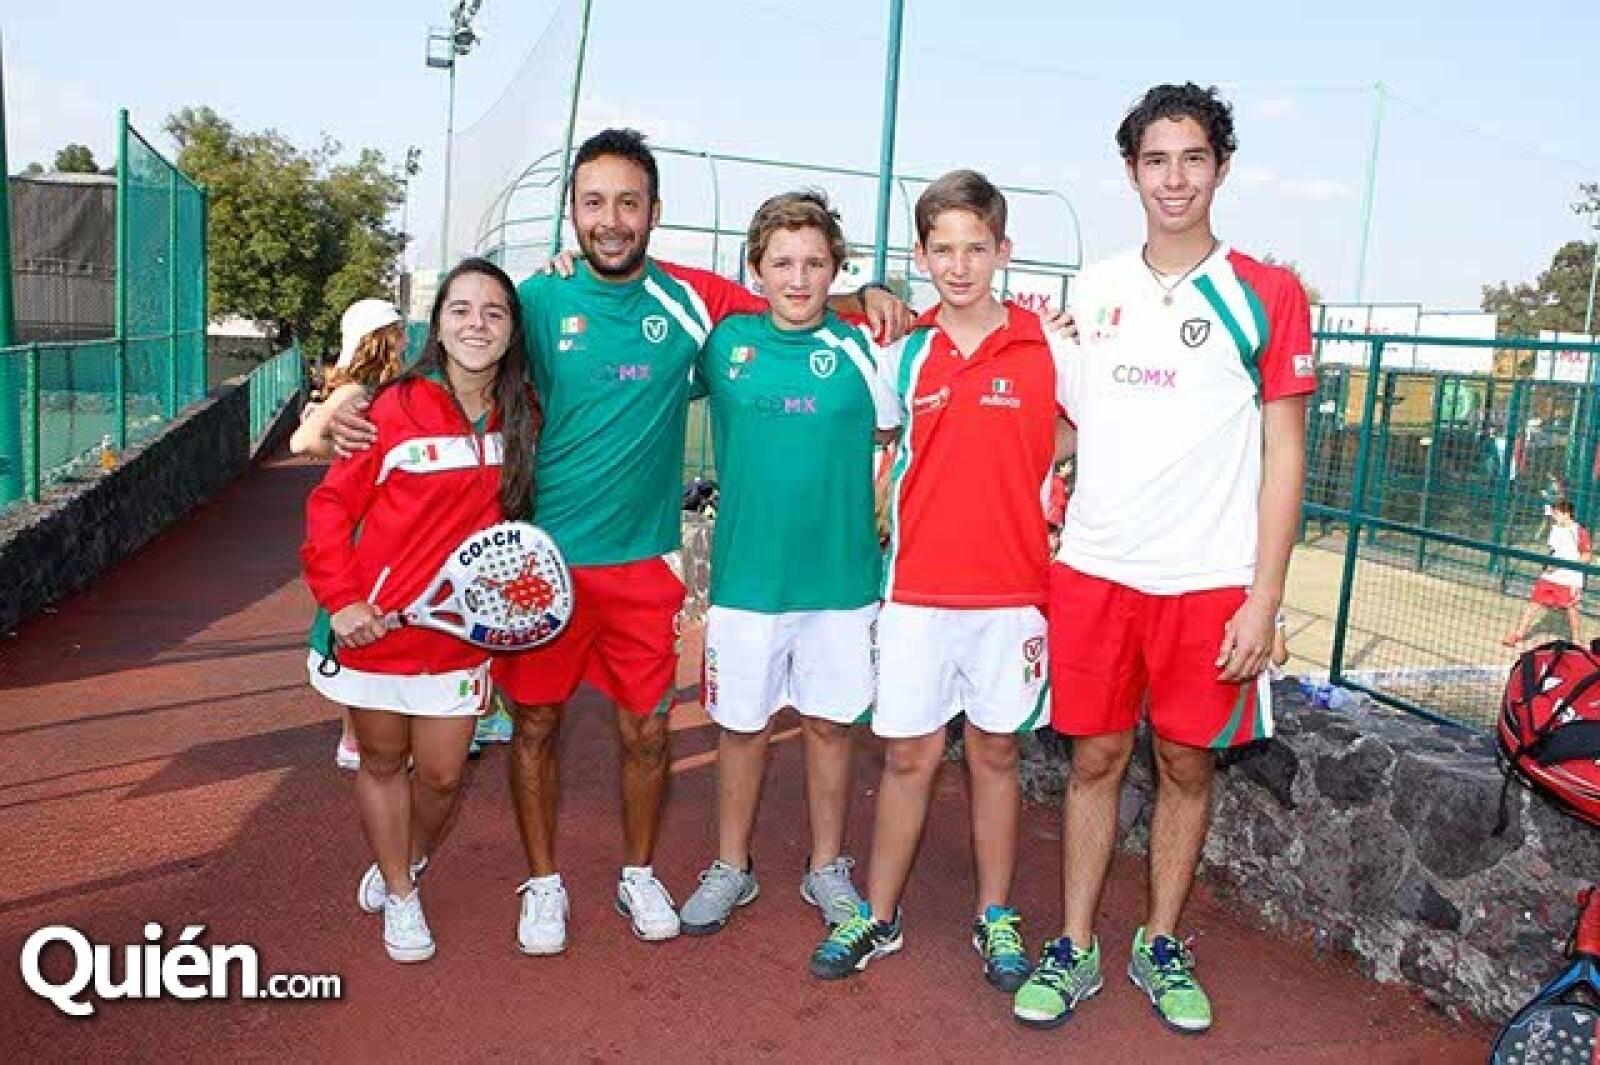 Ana Paula Boy,Carlos Huerta,Jorge Herrera,Javier Villazón y Carlo Dopico